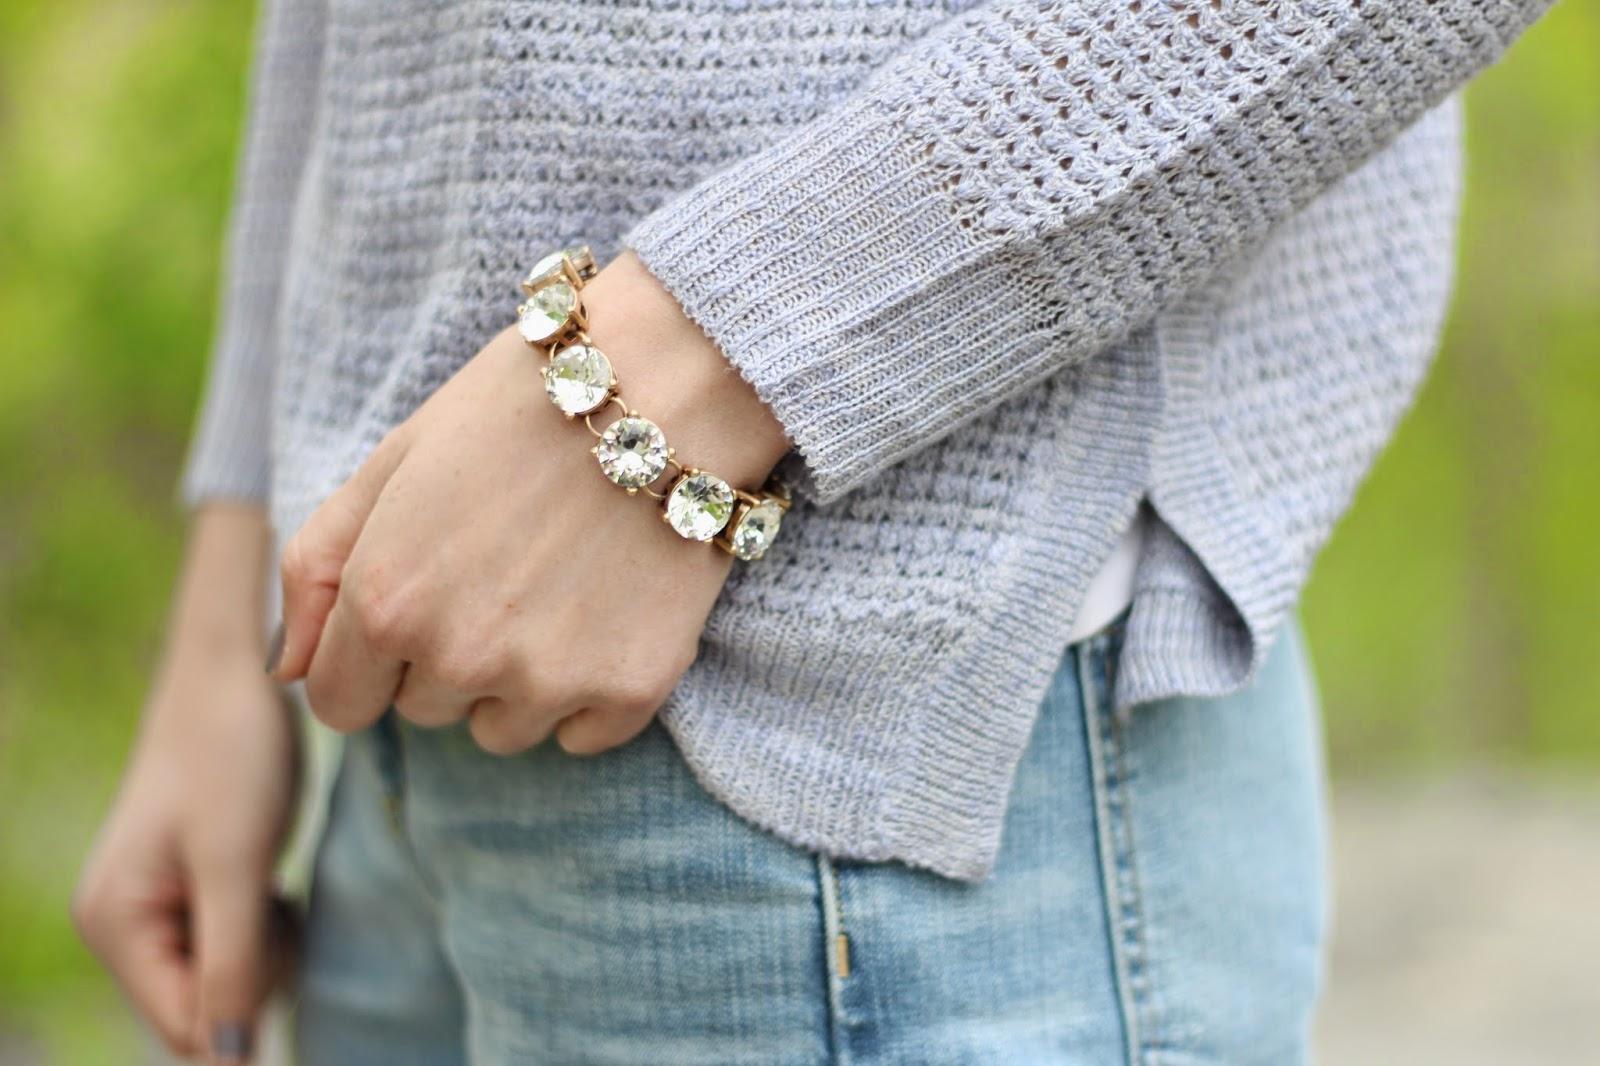 Crystal stud bracelet